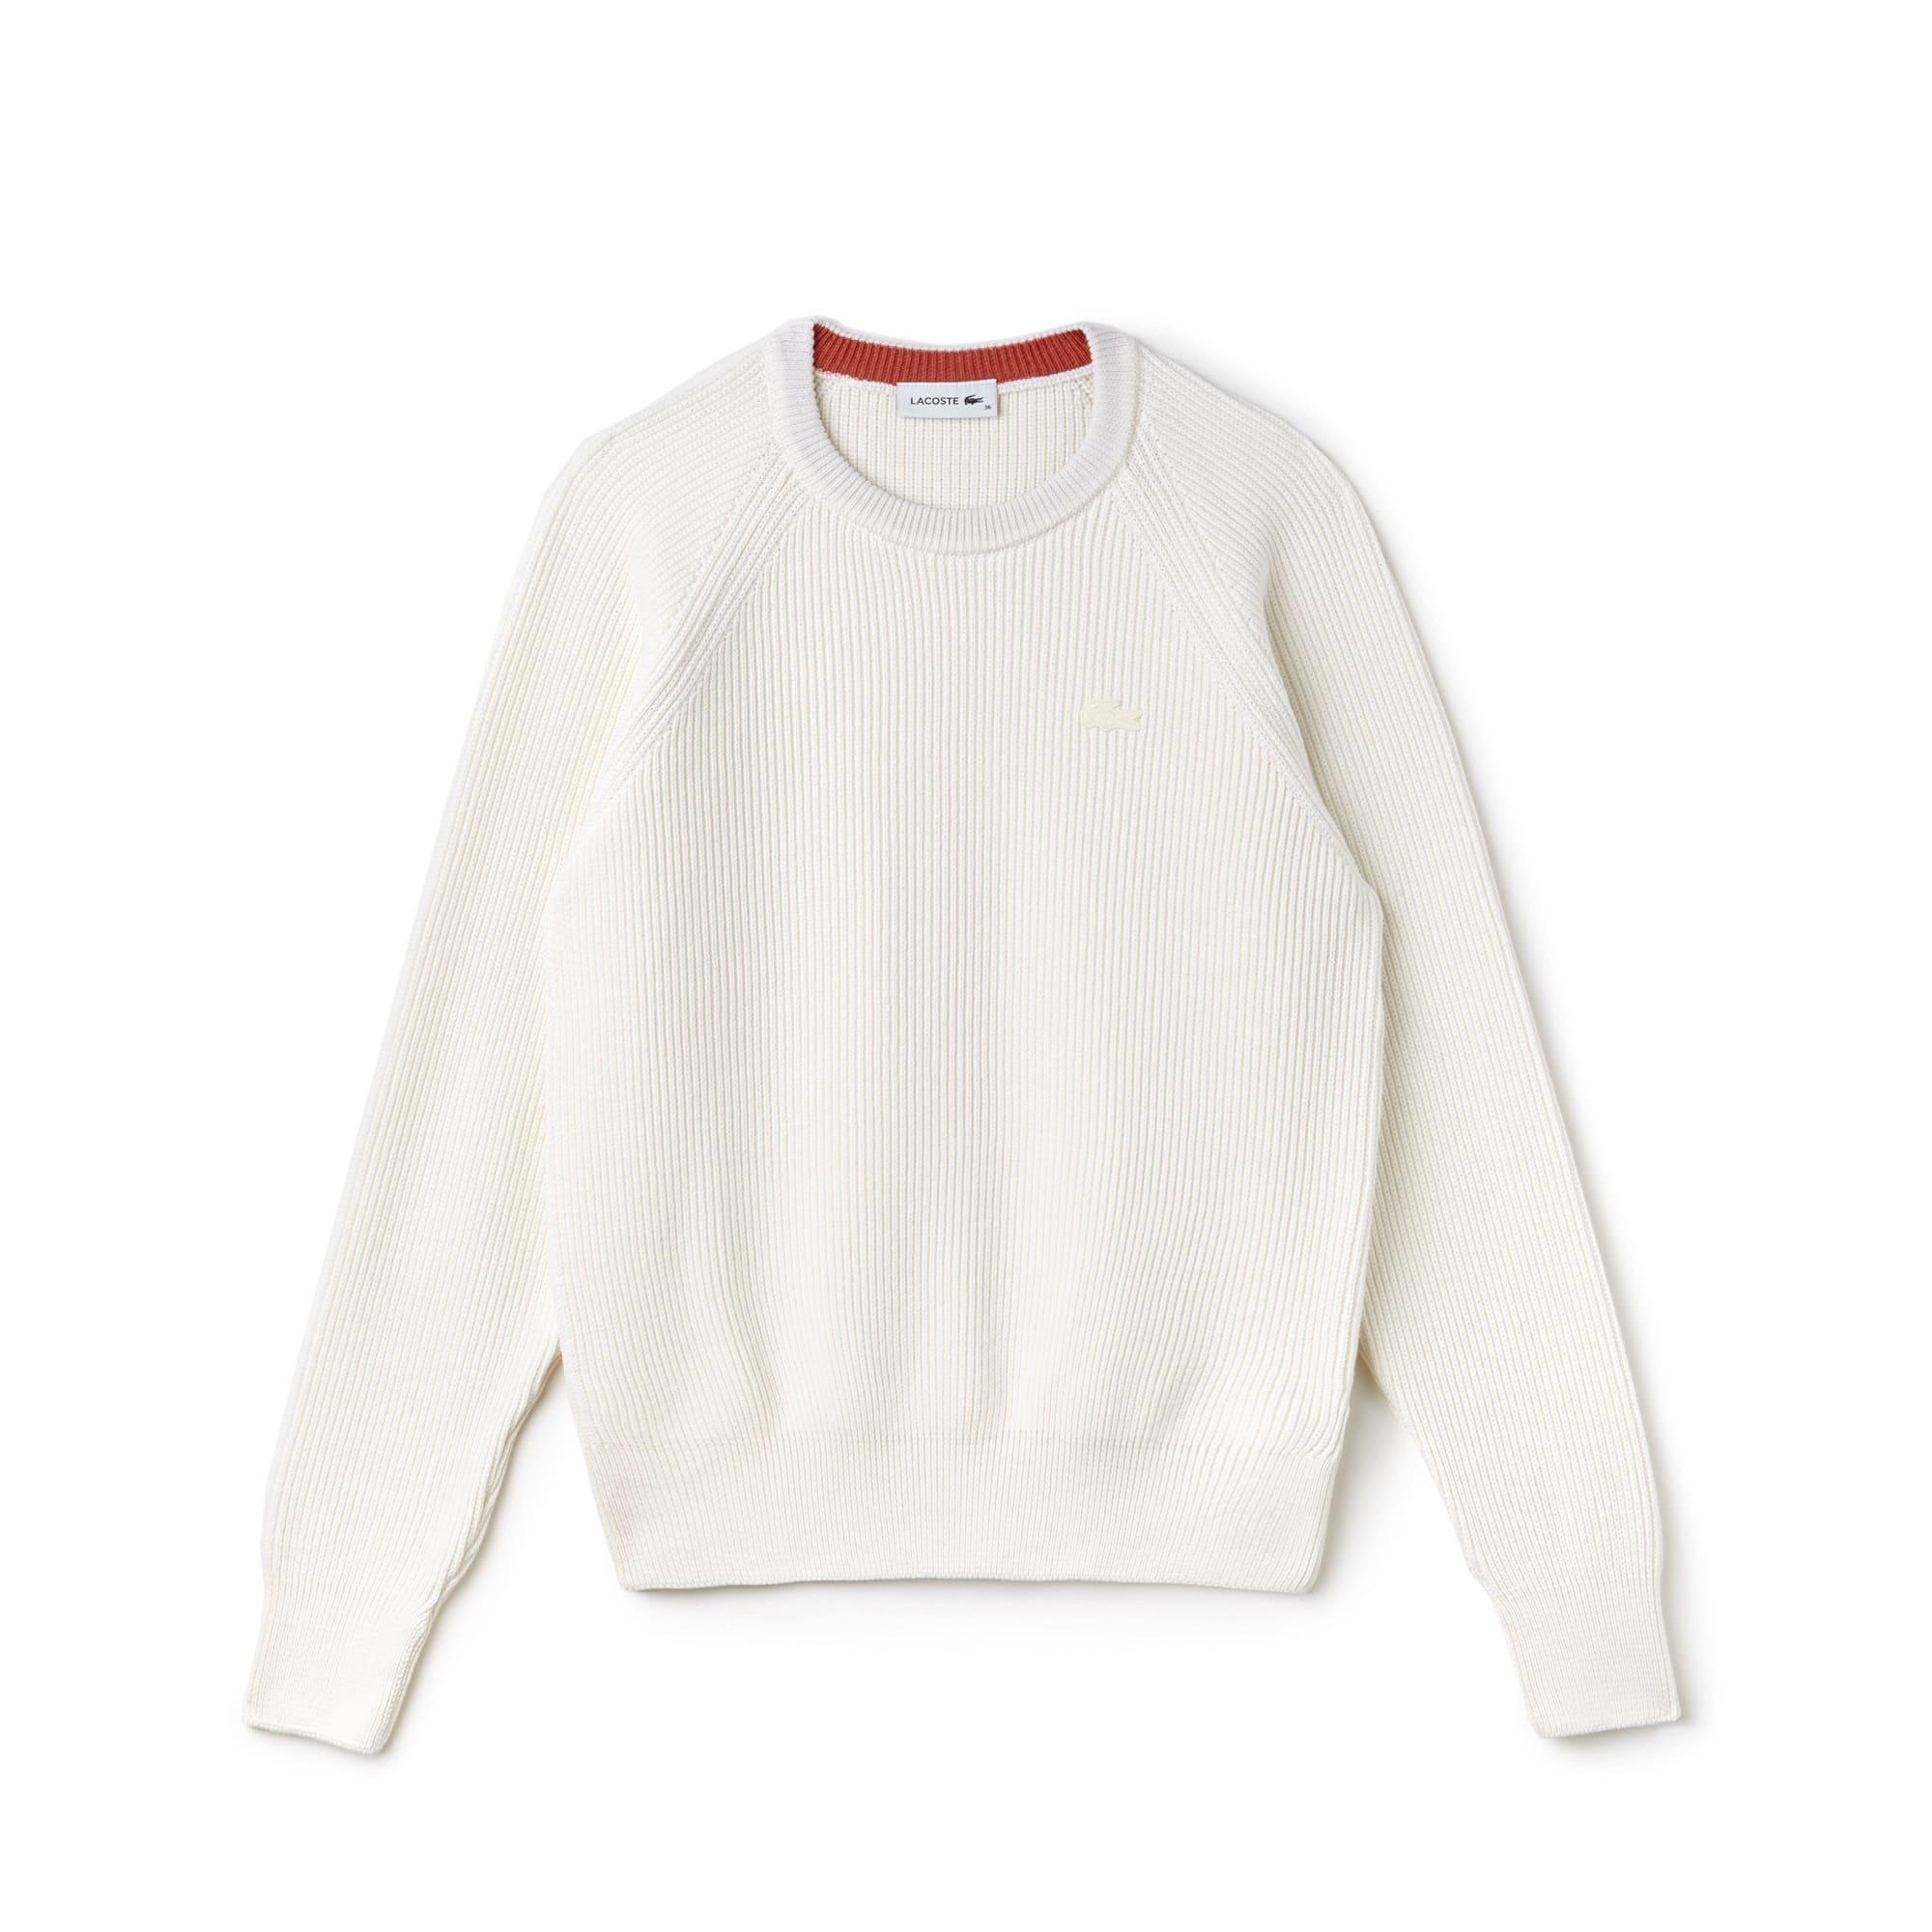 Jersey de cuello redondo de algodón y lana acanalados lisos